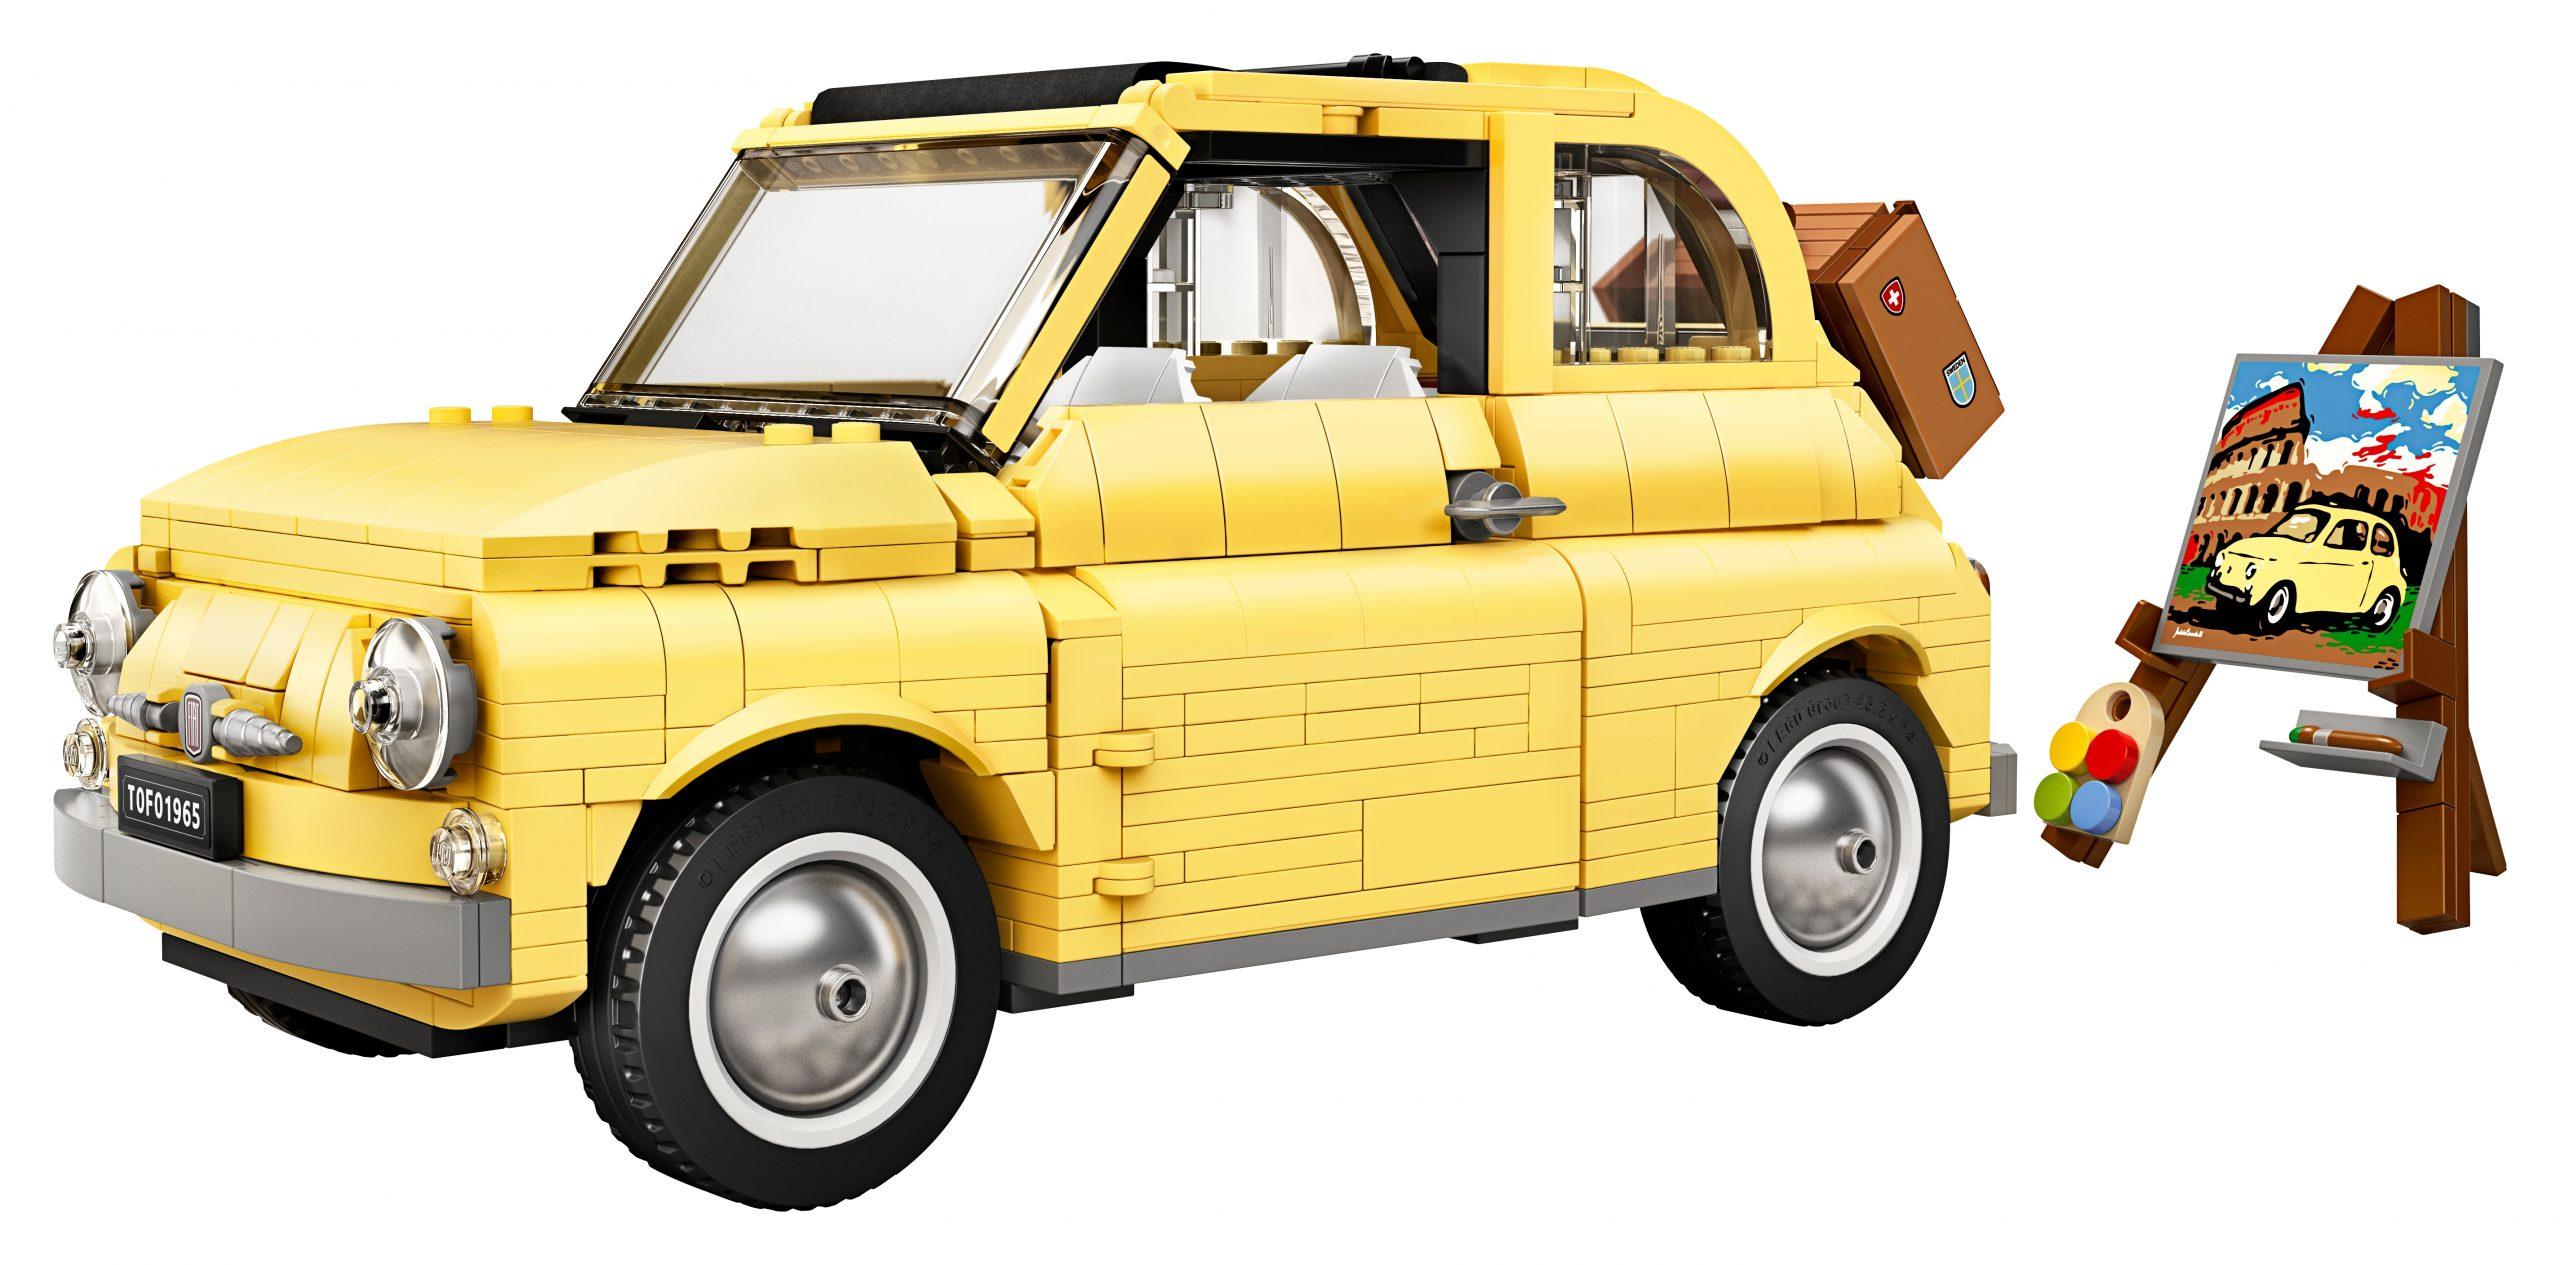 lego fiat 500 10271 scaled